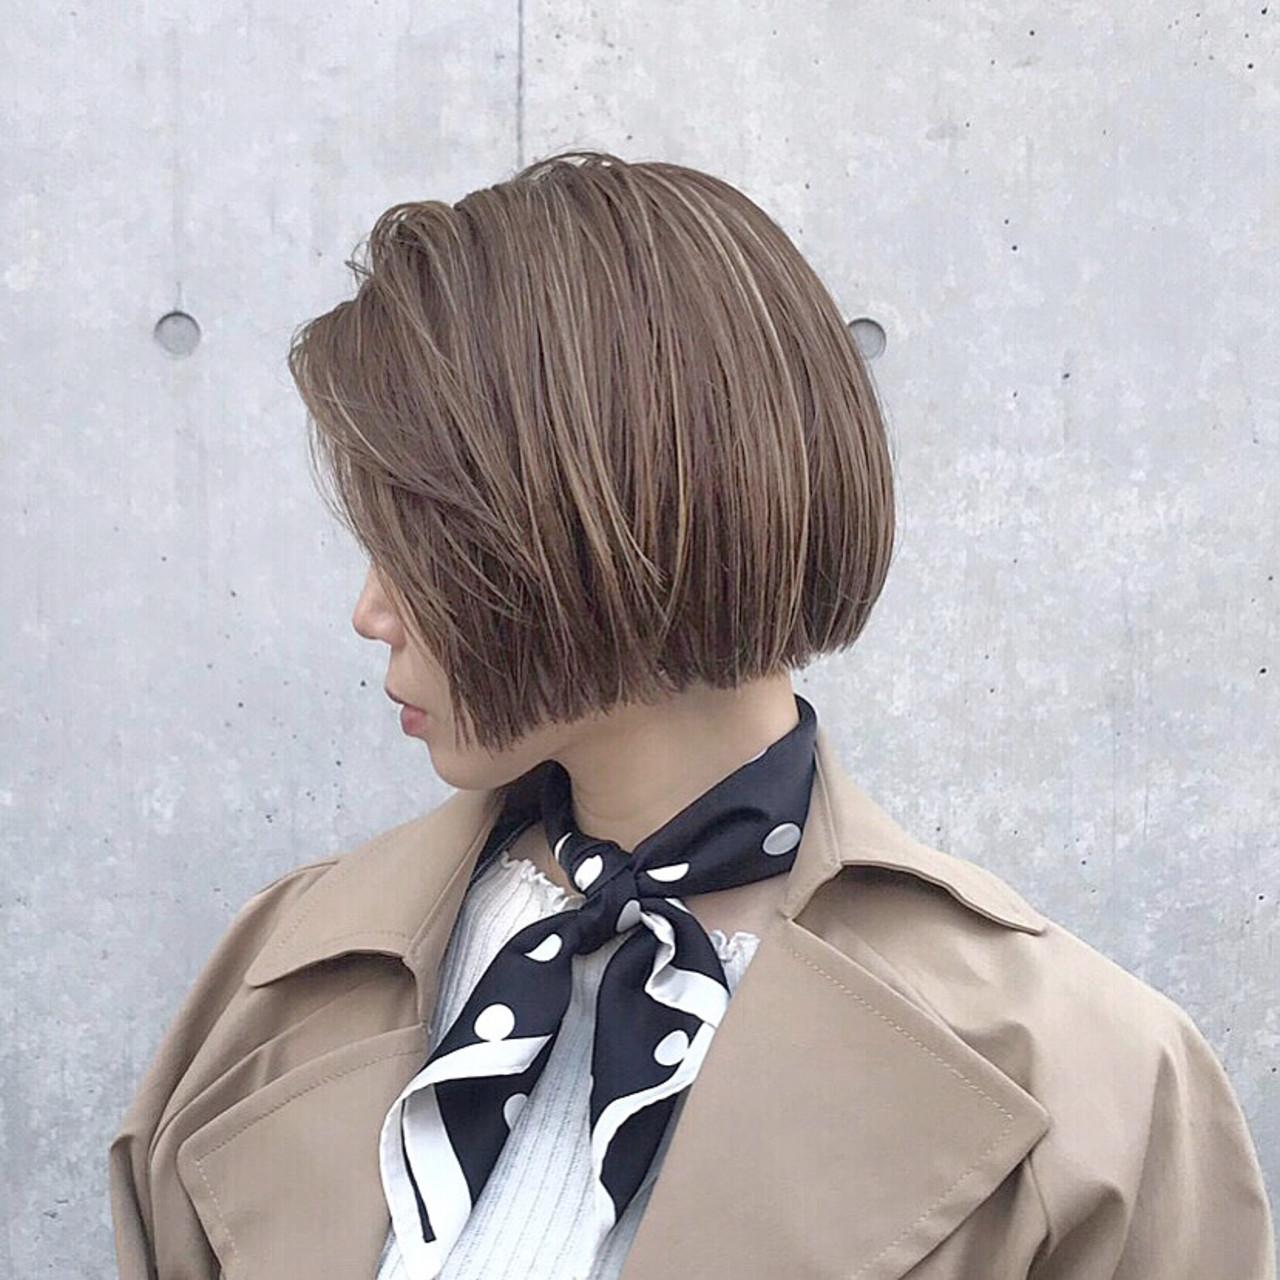 ショートボブ ボブ オフィス ミニボブ ヘアスタイルや髪型の写真・画像